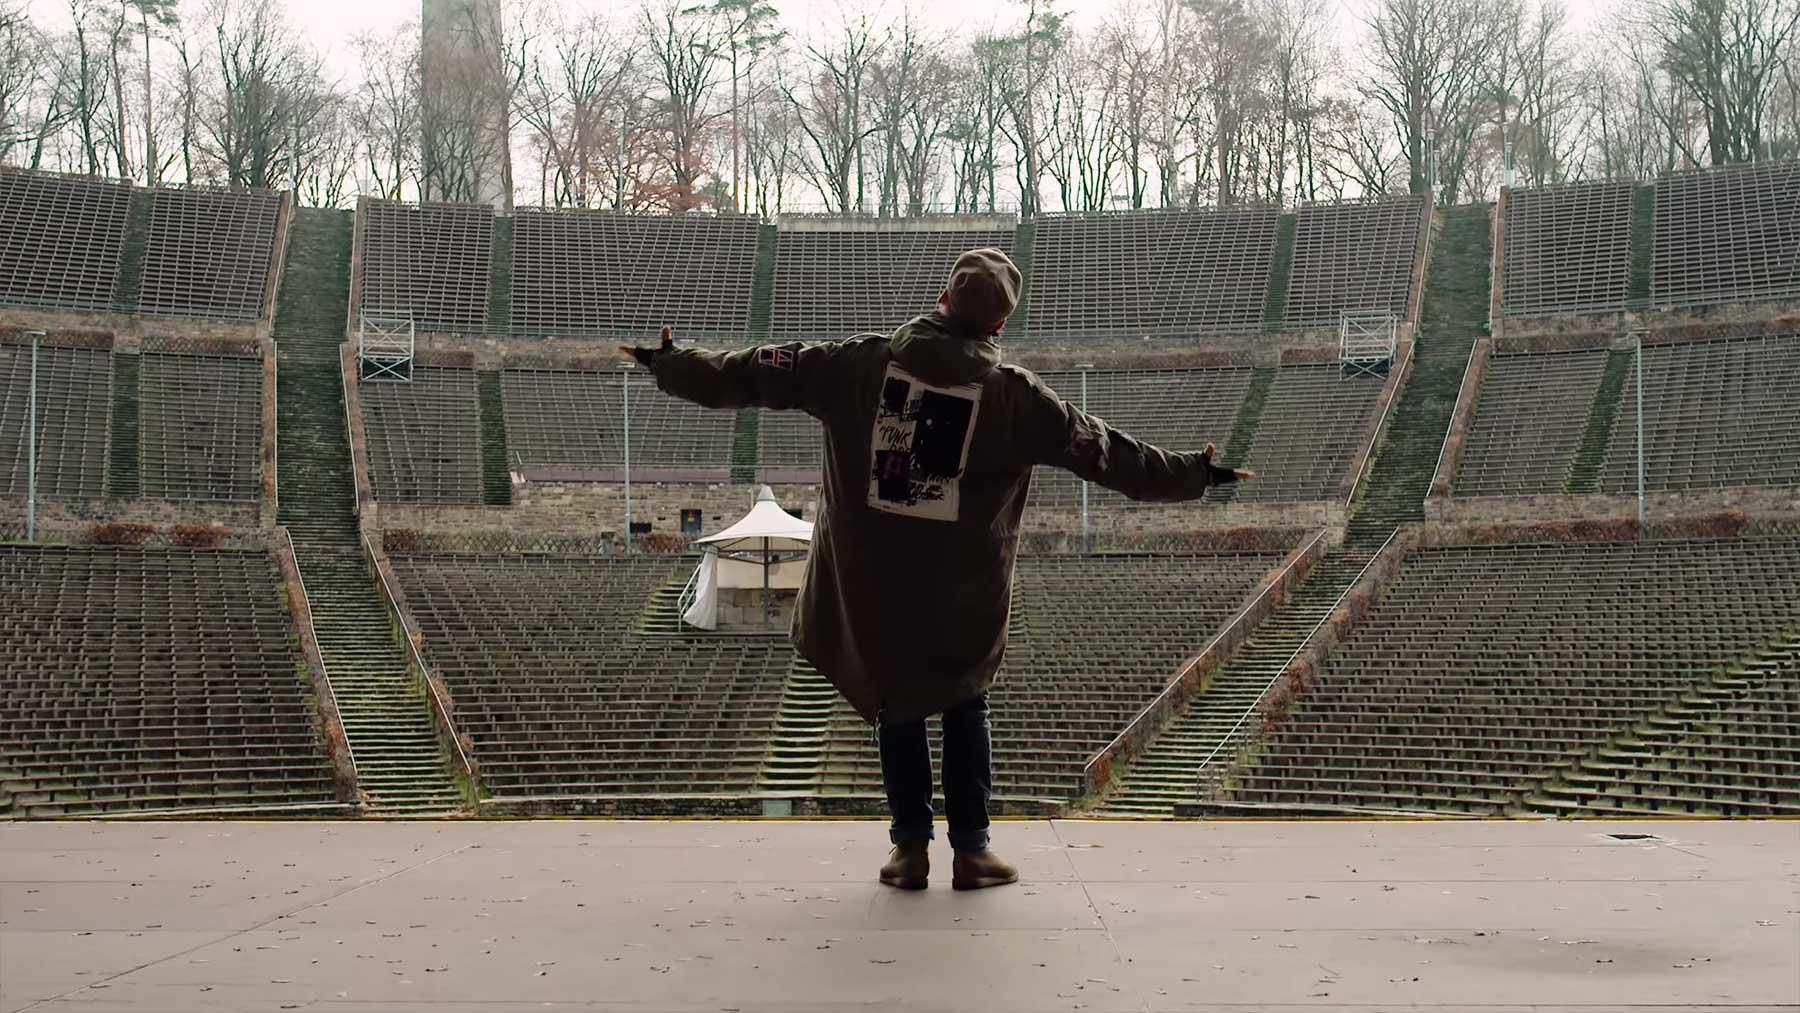 """Musikvideo: Beatsteaks - """"After Hours"""" beatsteaks-after-hours-cover-musikvideo"""